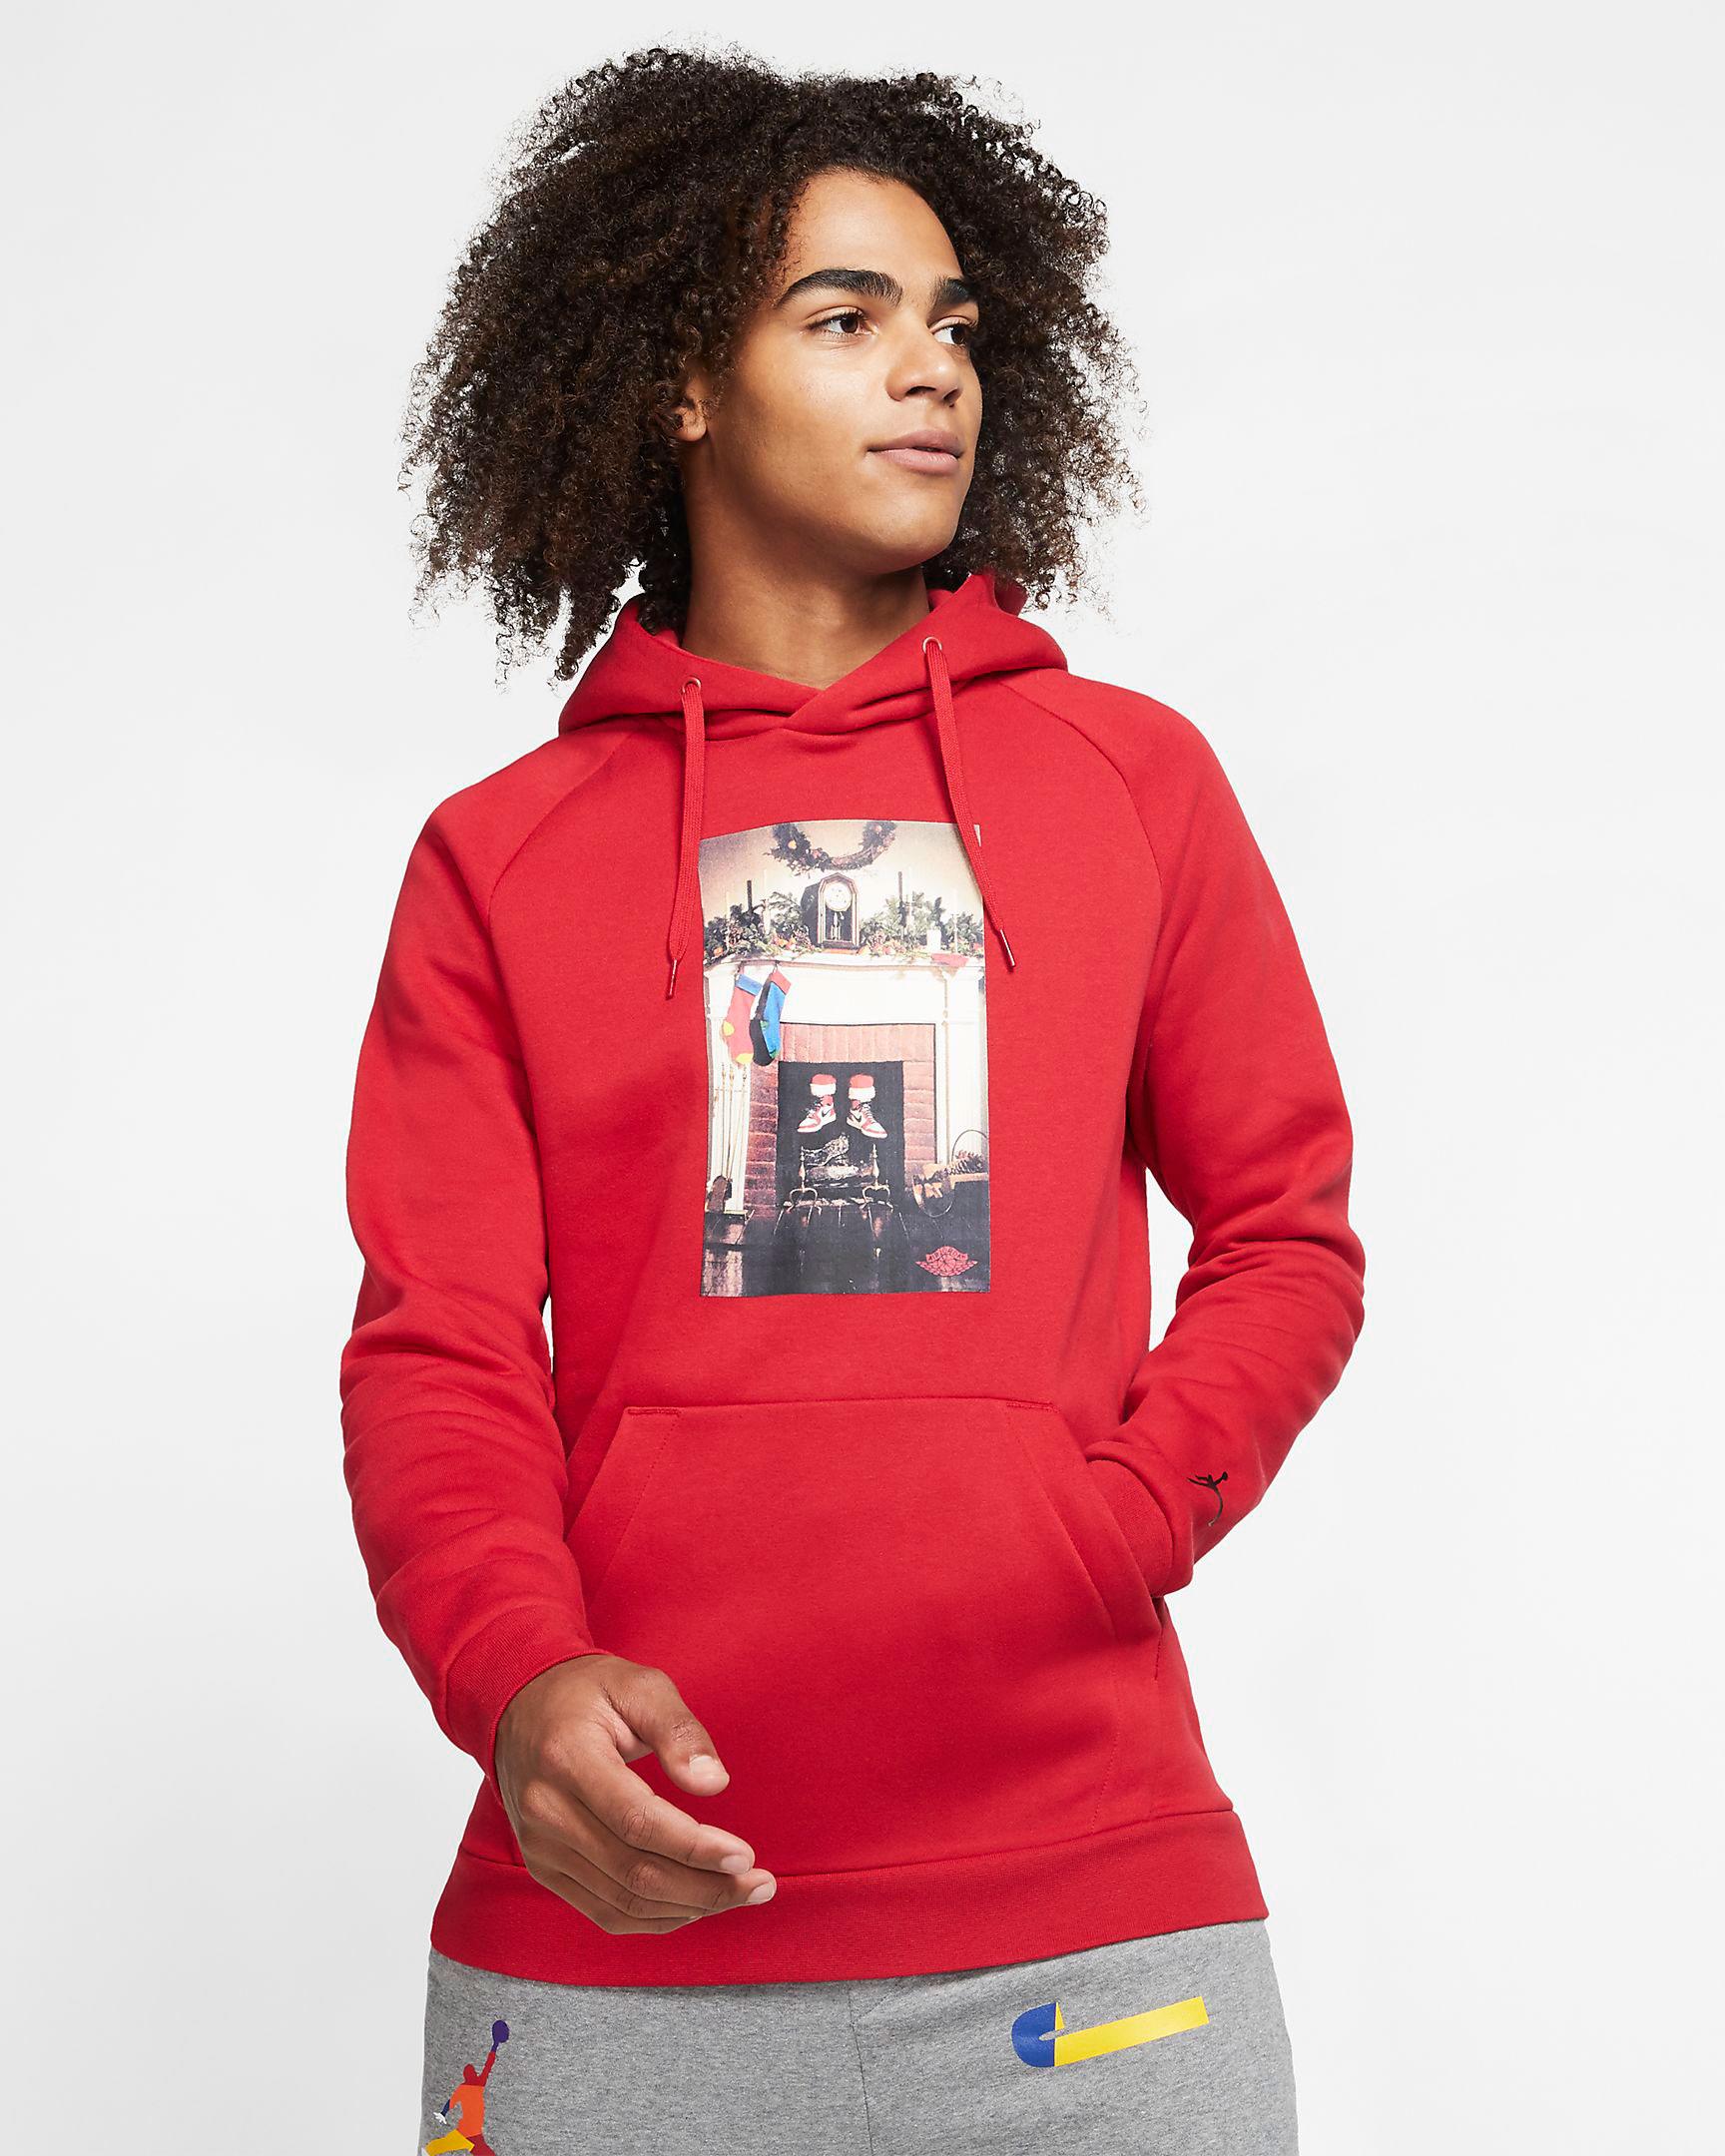 jordan-chimney-santa-hoodie-red-1